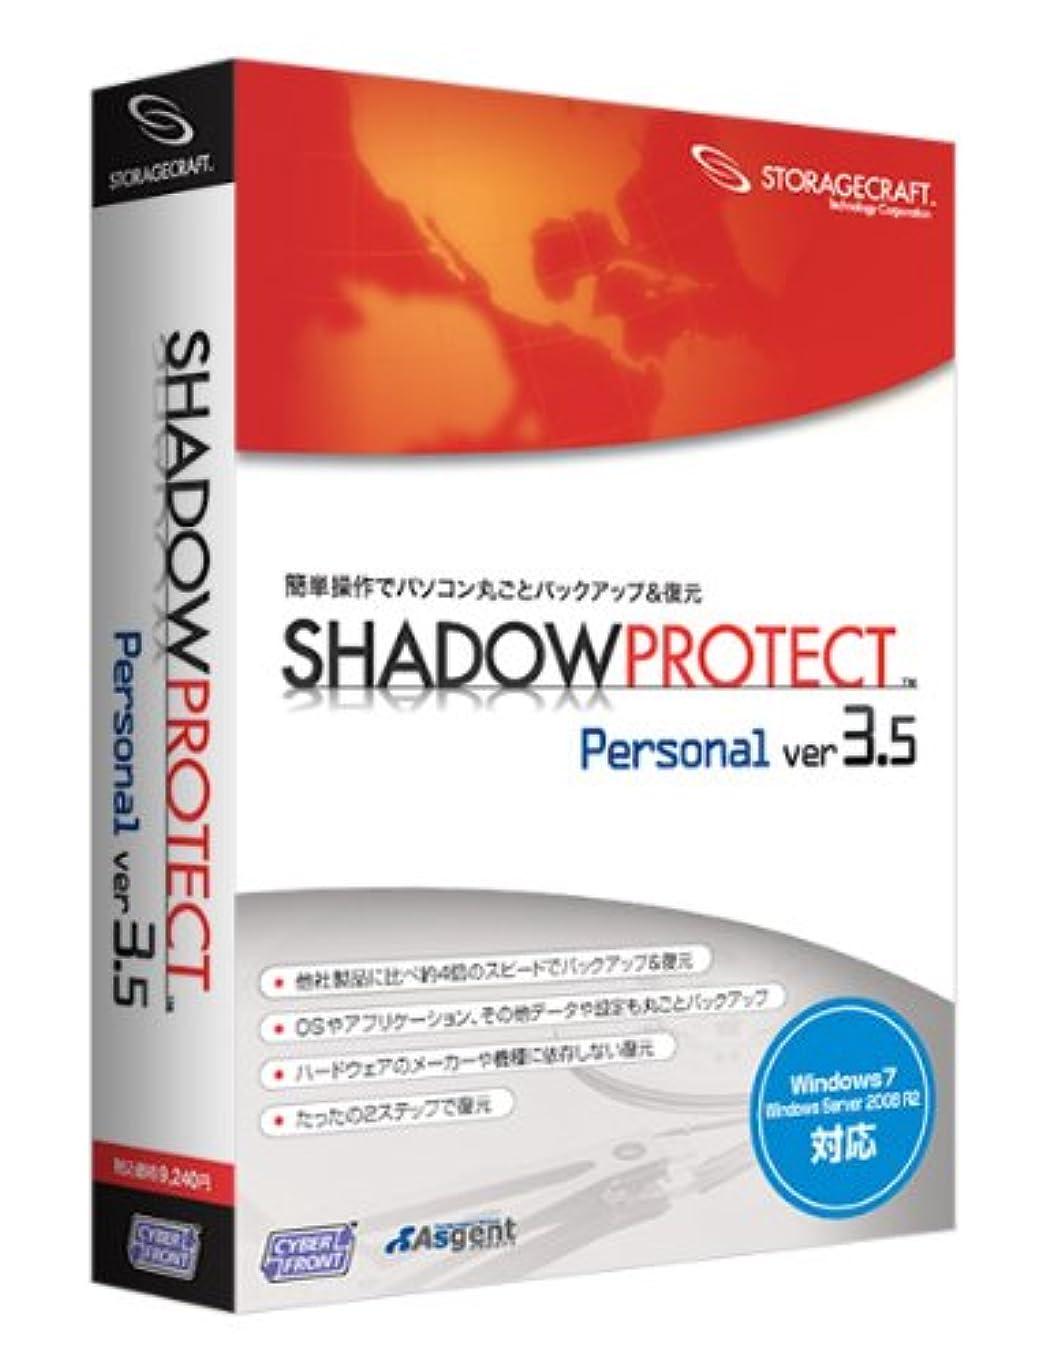 ドック探偵有効ShadowProtect Personal ver.3.5(シャドウプロテクト)